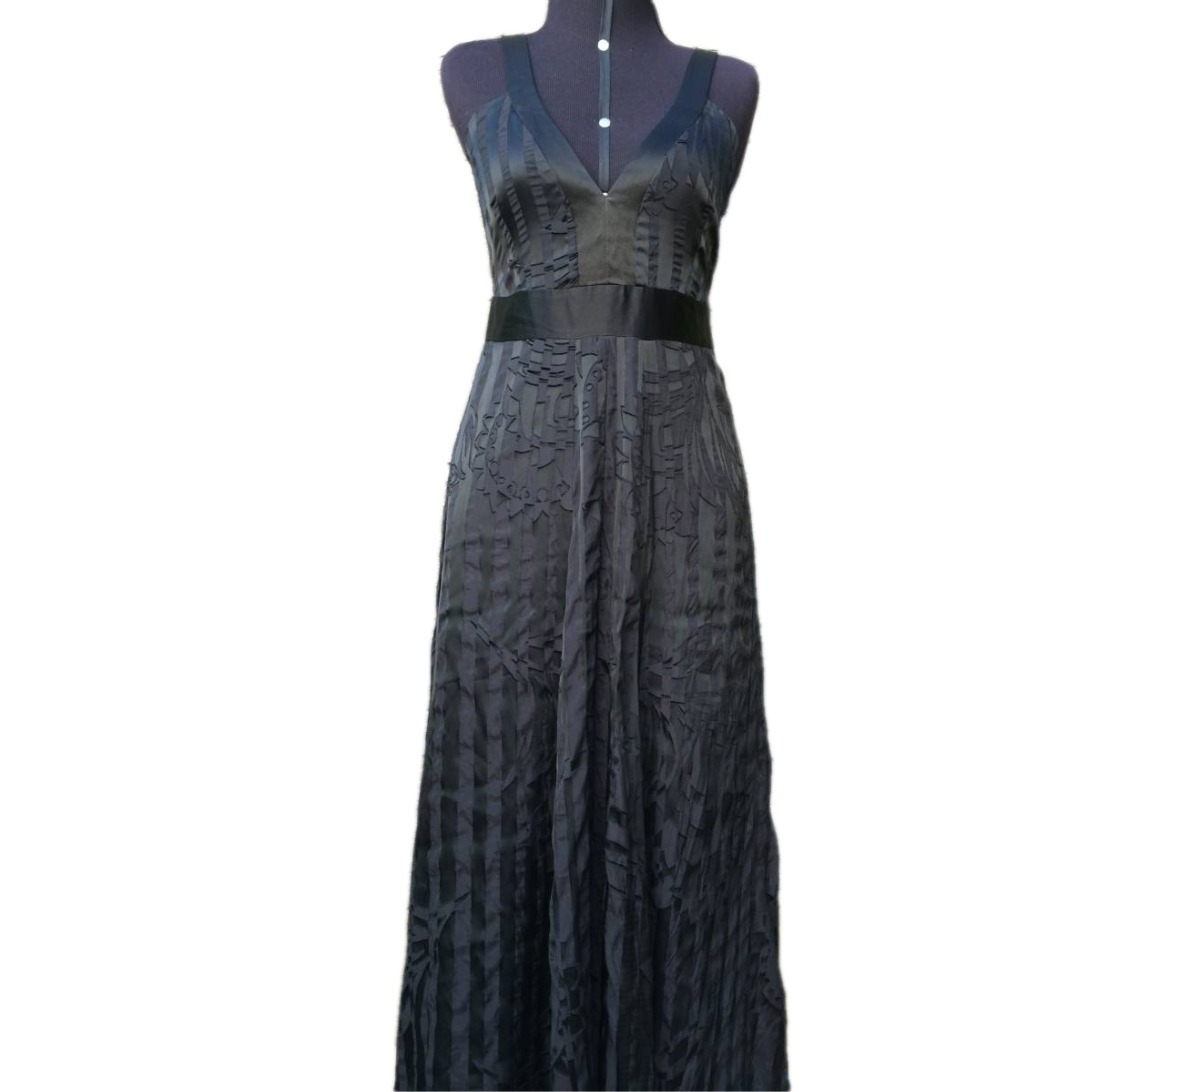 05524dcc0 vestido longo sem mangas alça decote v preto bebesh tam 38. Carregando zoom.